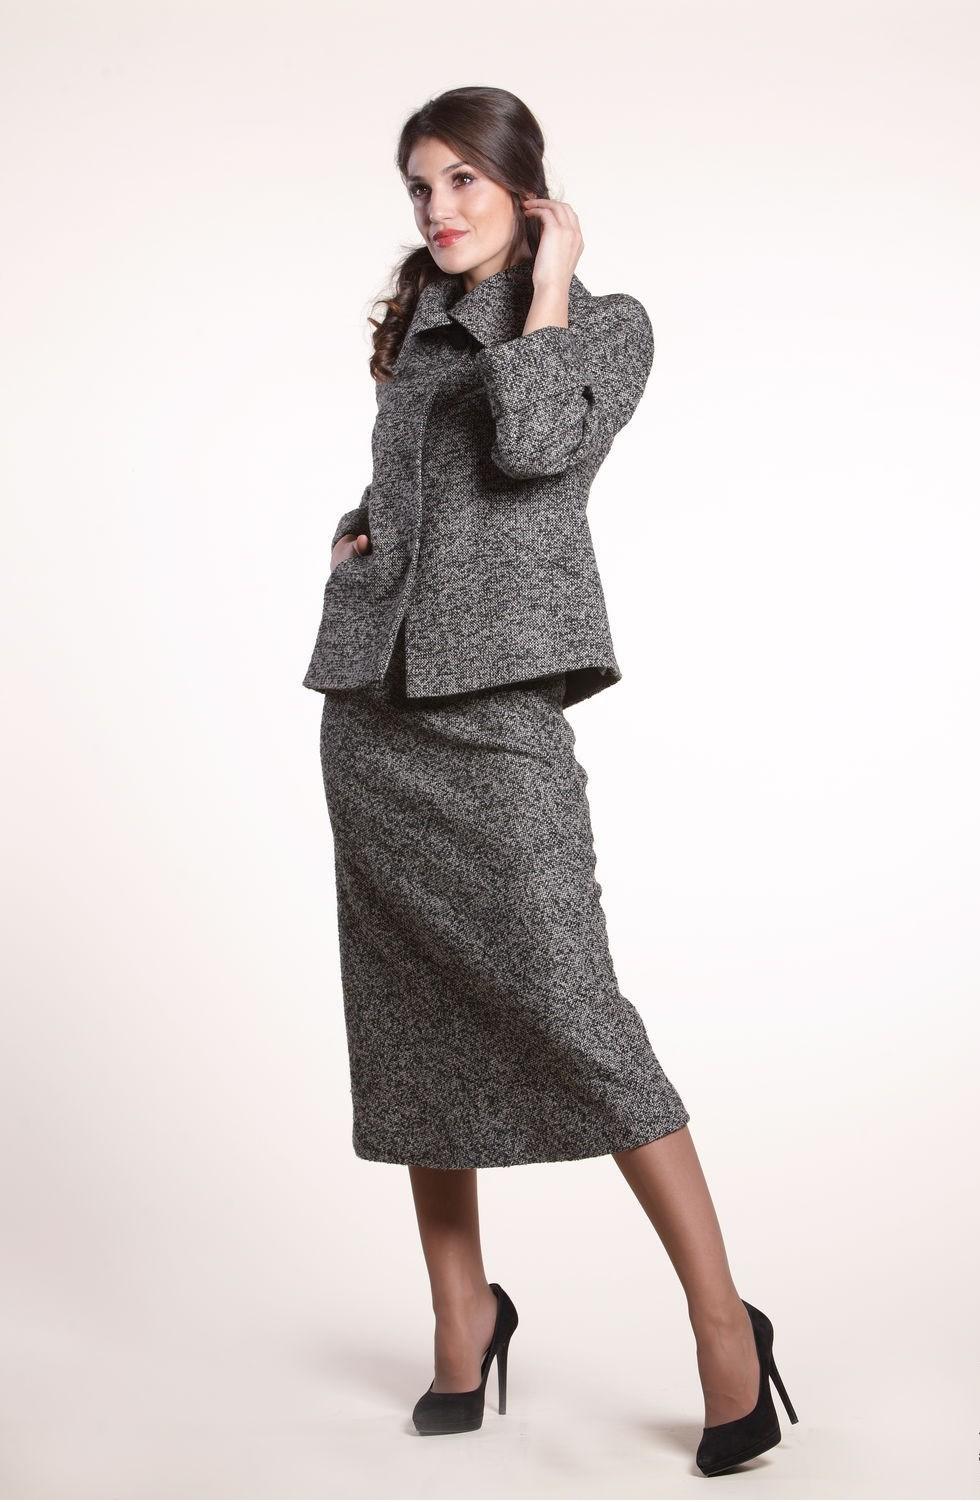 с чем носить серую юбку: шерстяная под пиджак в тон